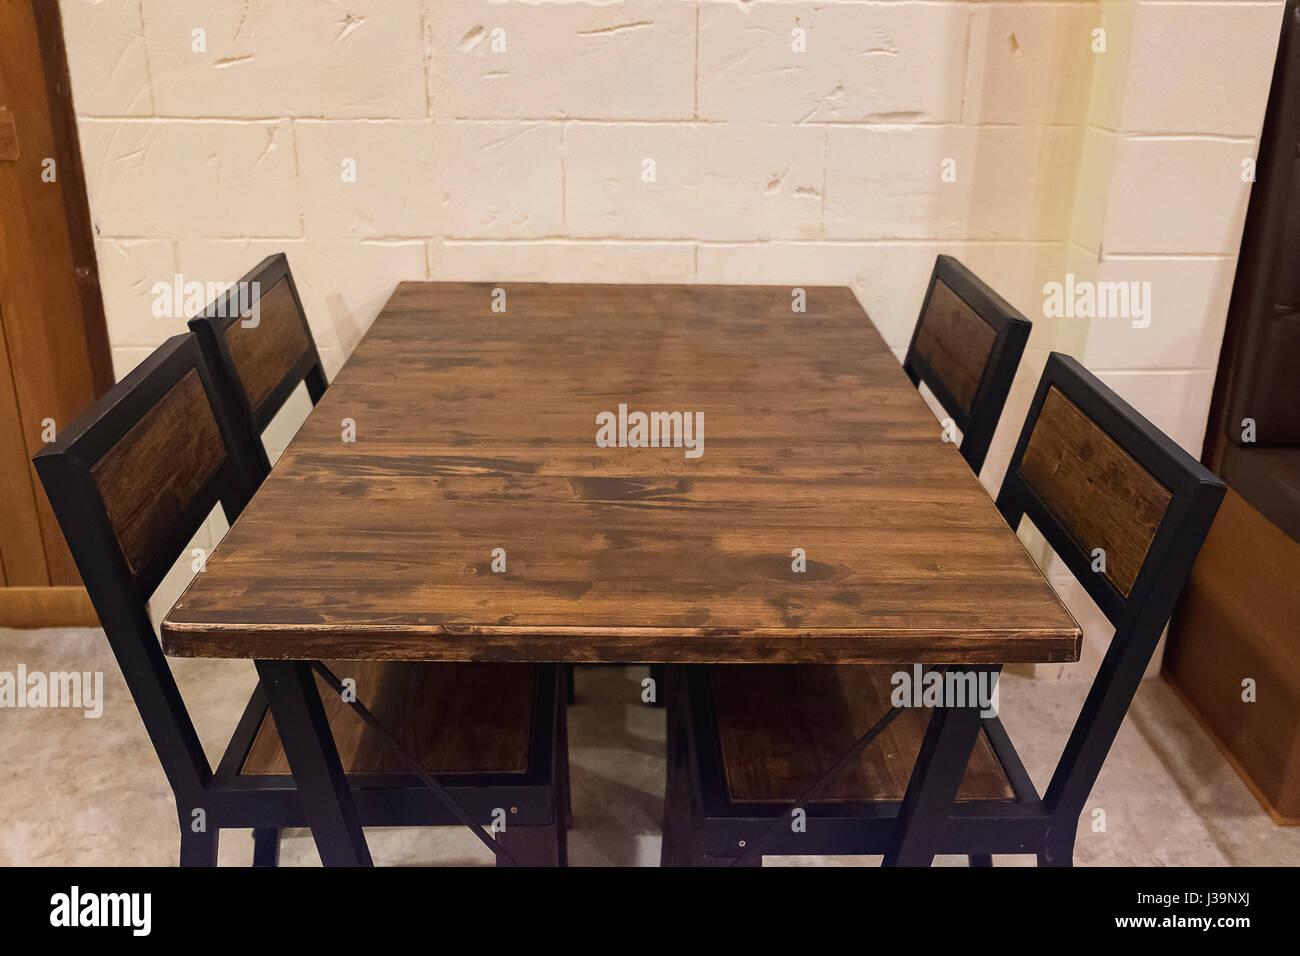 Eiche Esstisch Mit Stuhlen Im Dunklen Raum Aus Holz Und Schwarzem Metall Tisch Und Stuhl Im Restaurant Stockfotografie Alamy